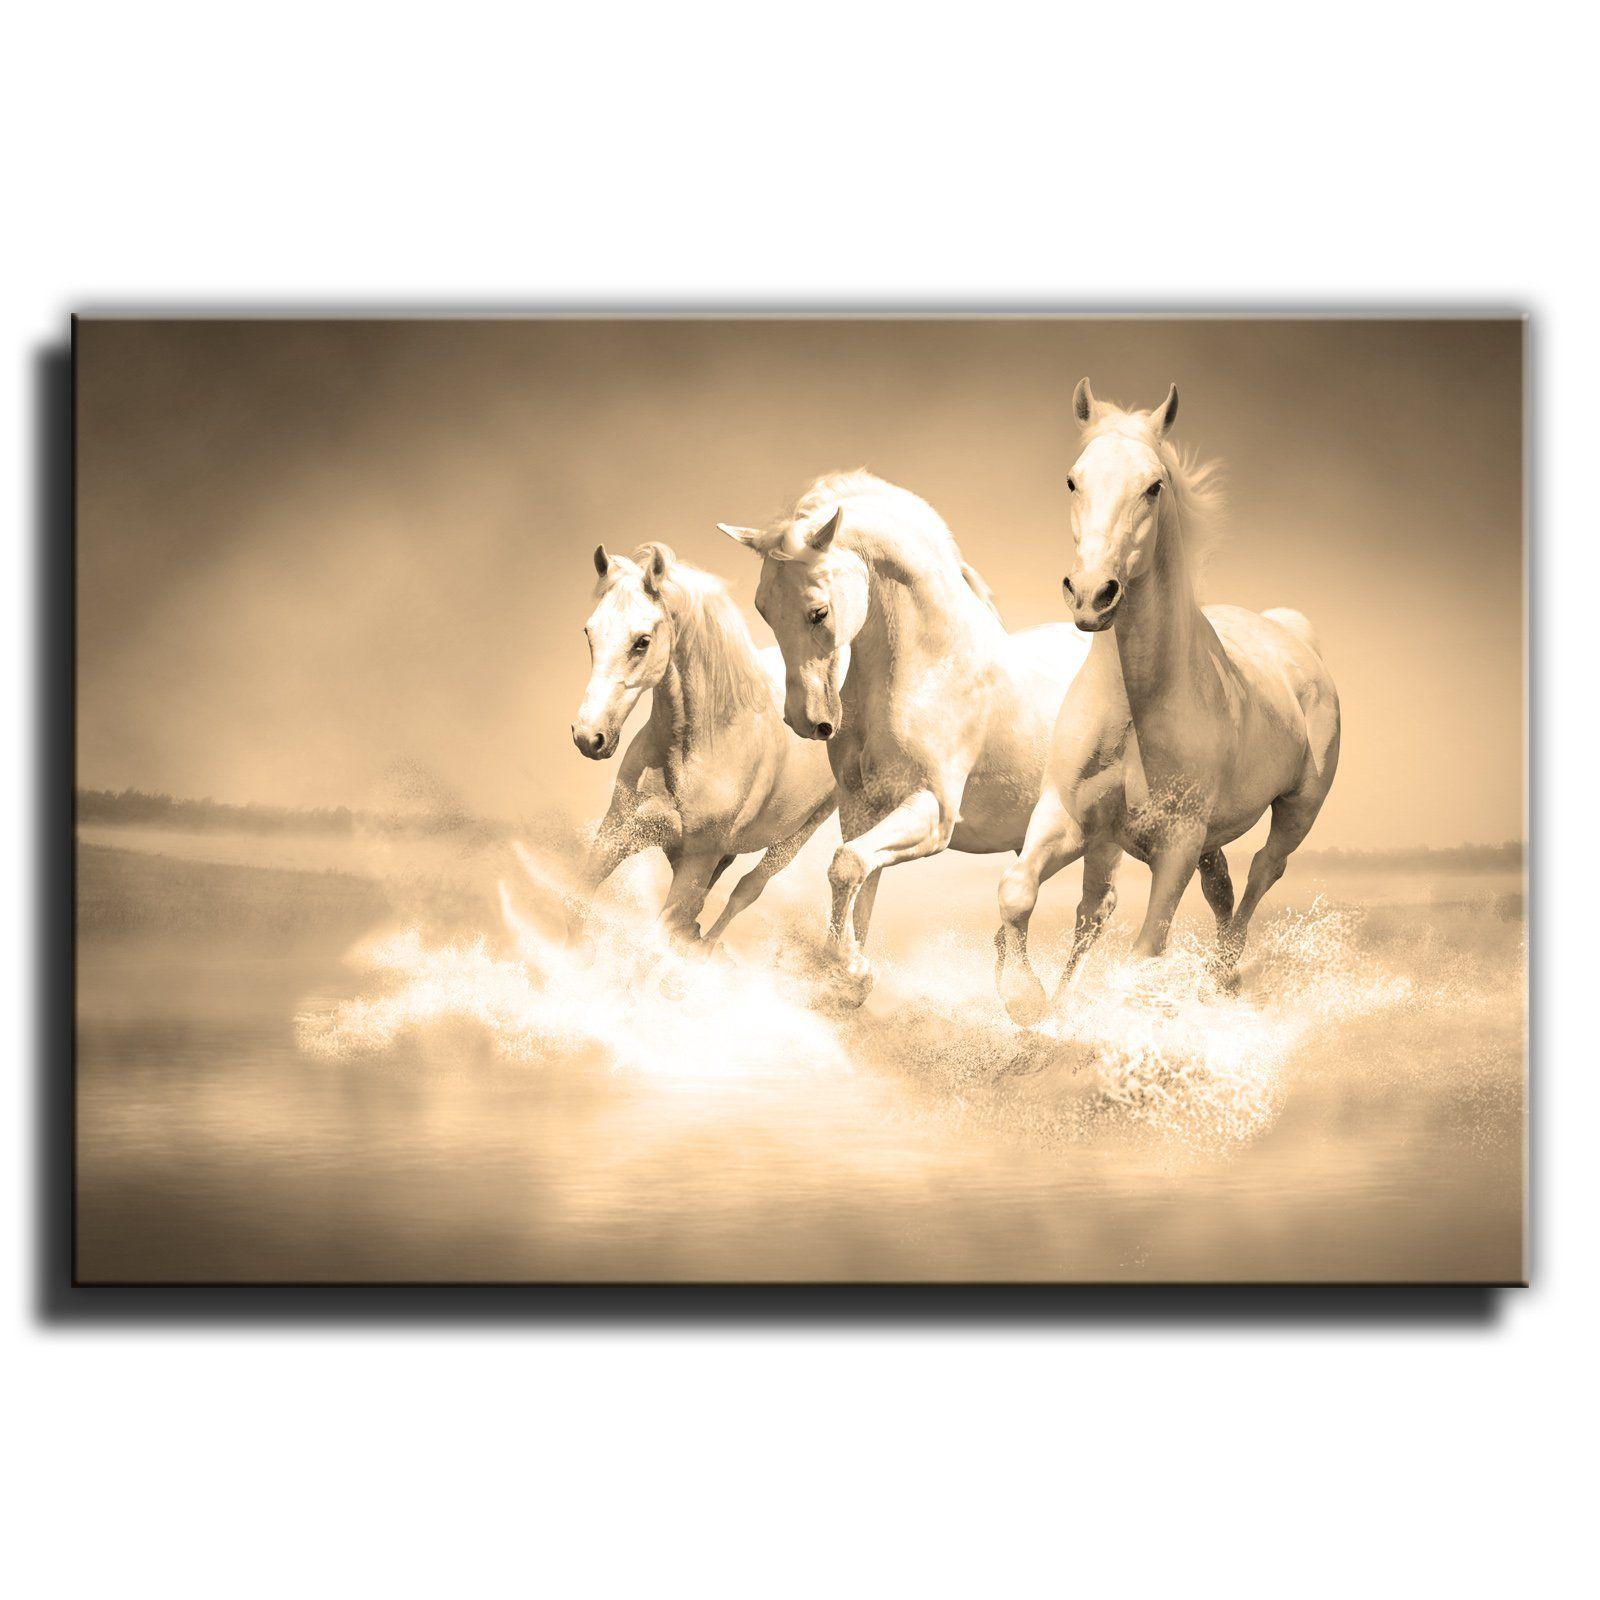 Canvas Culture - Running Horses Landscape Canvas Art Print Box ...